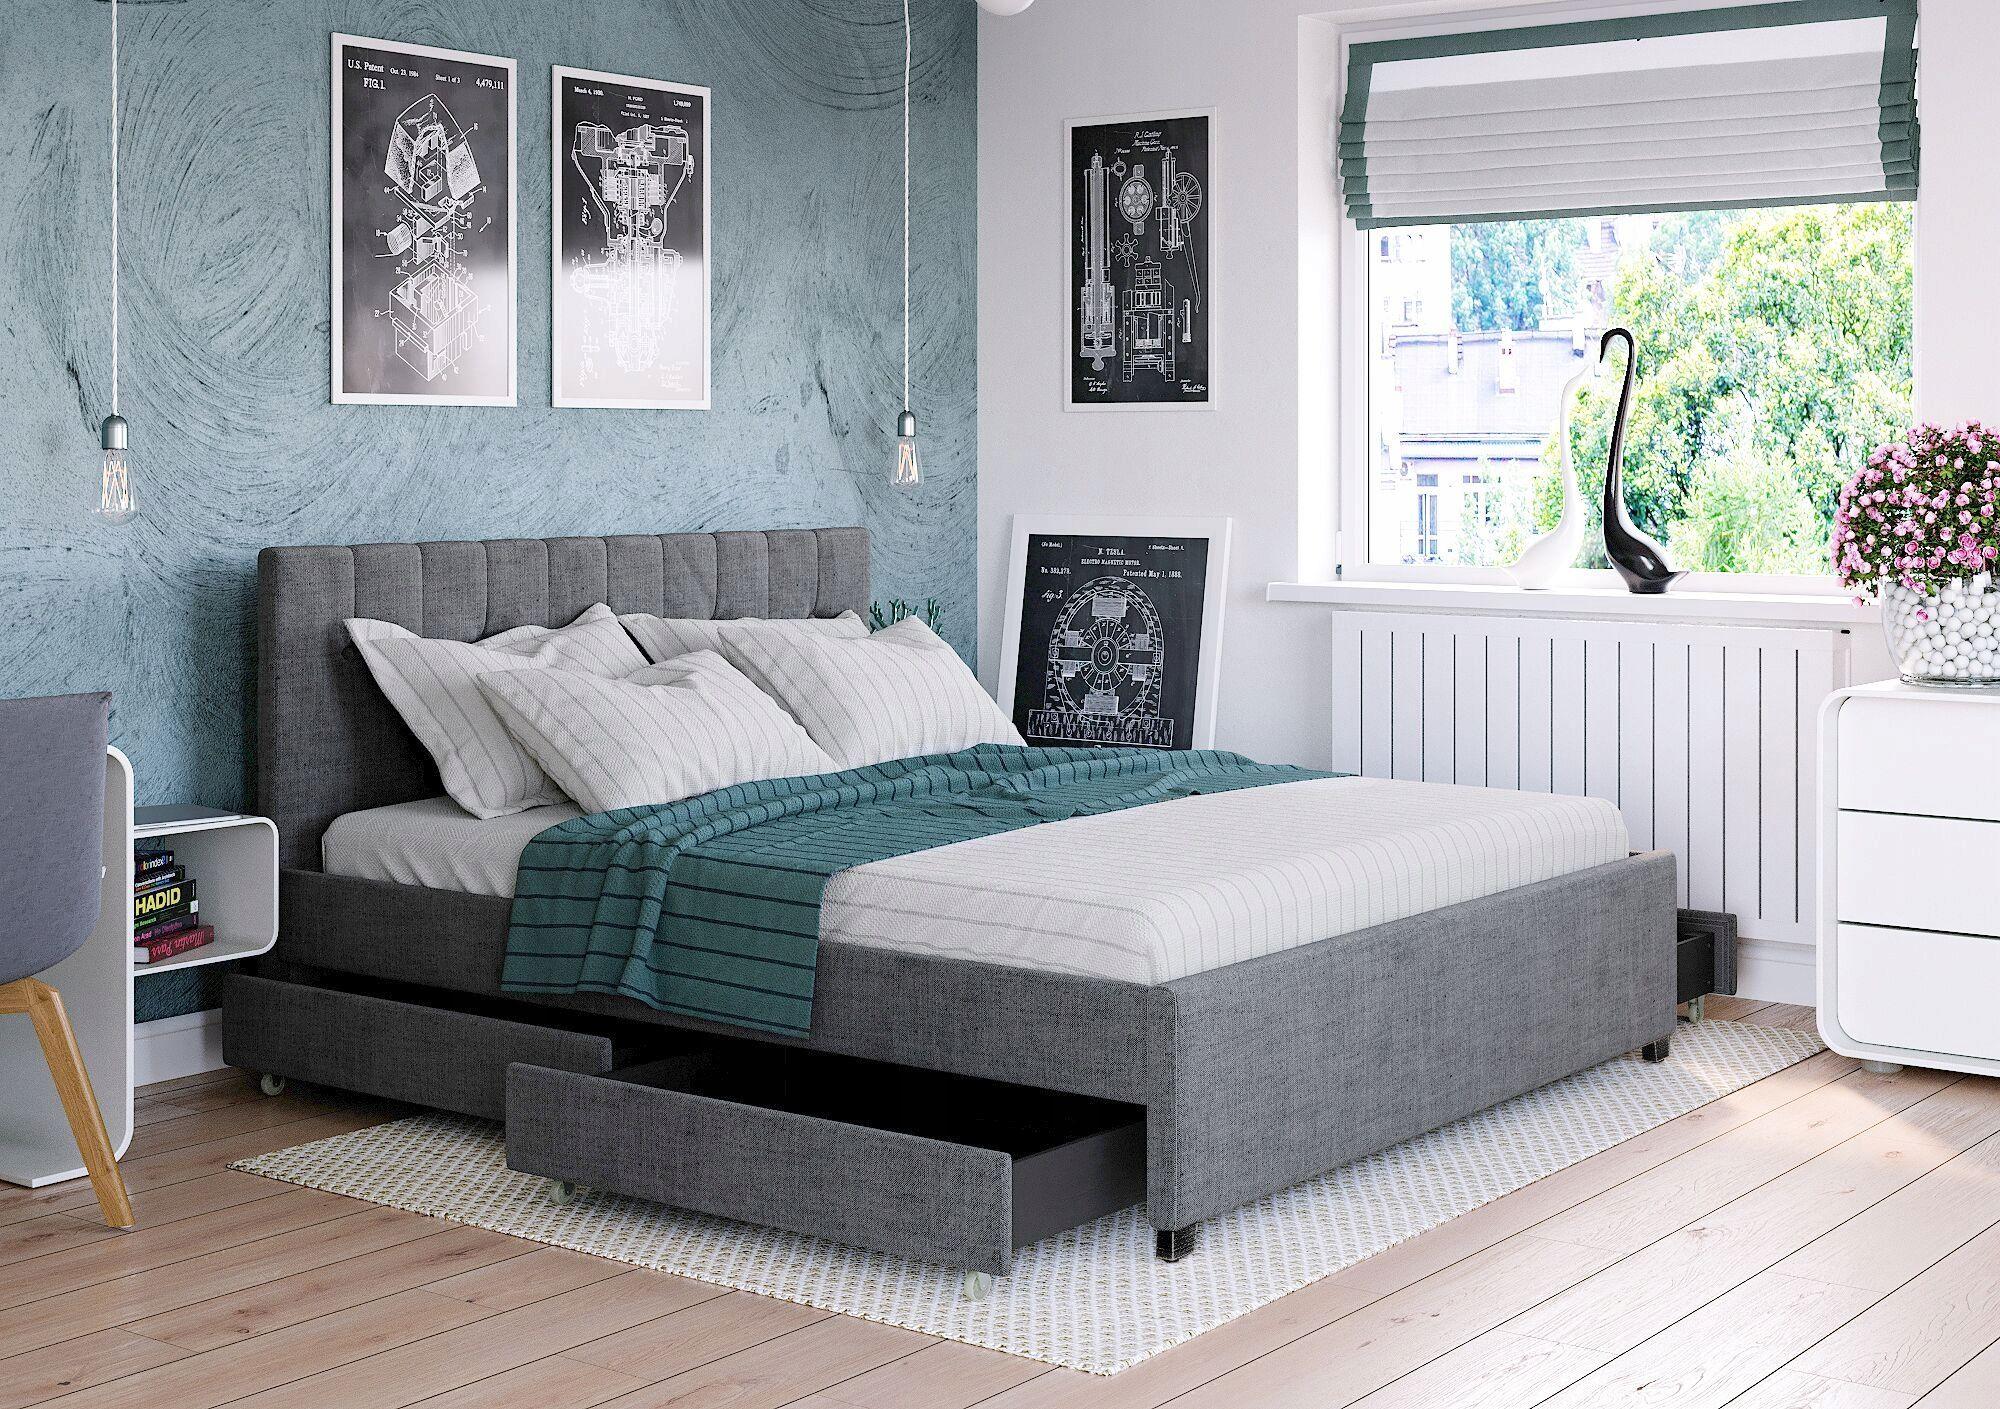 łóżko Tapicerowane Modenamateracszuflady 180x200 W 2019